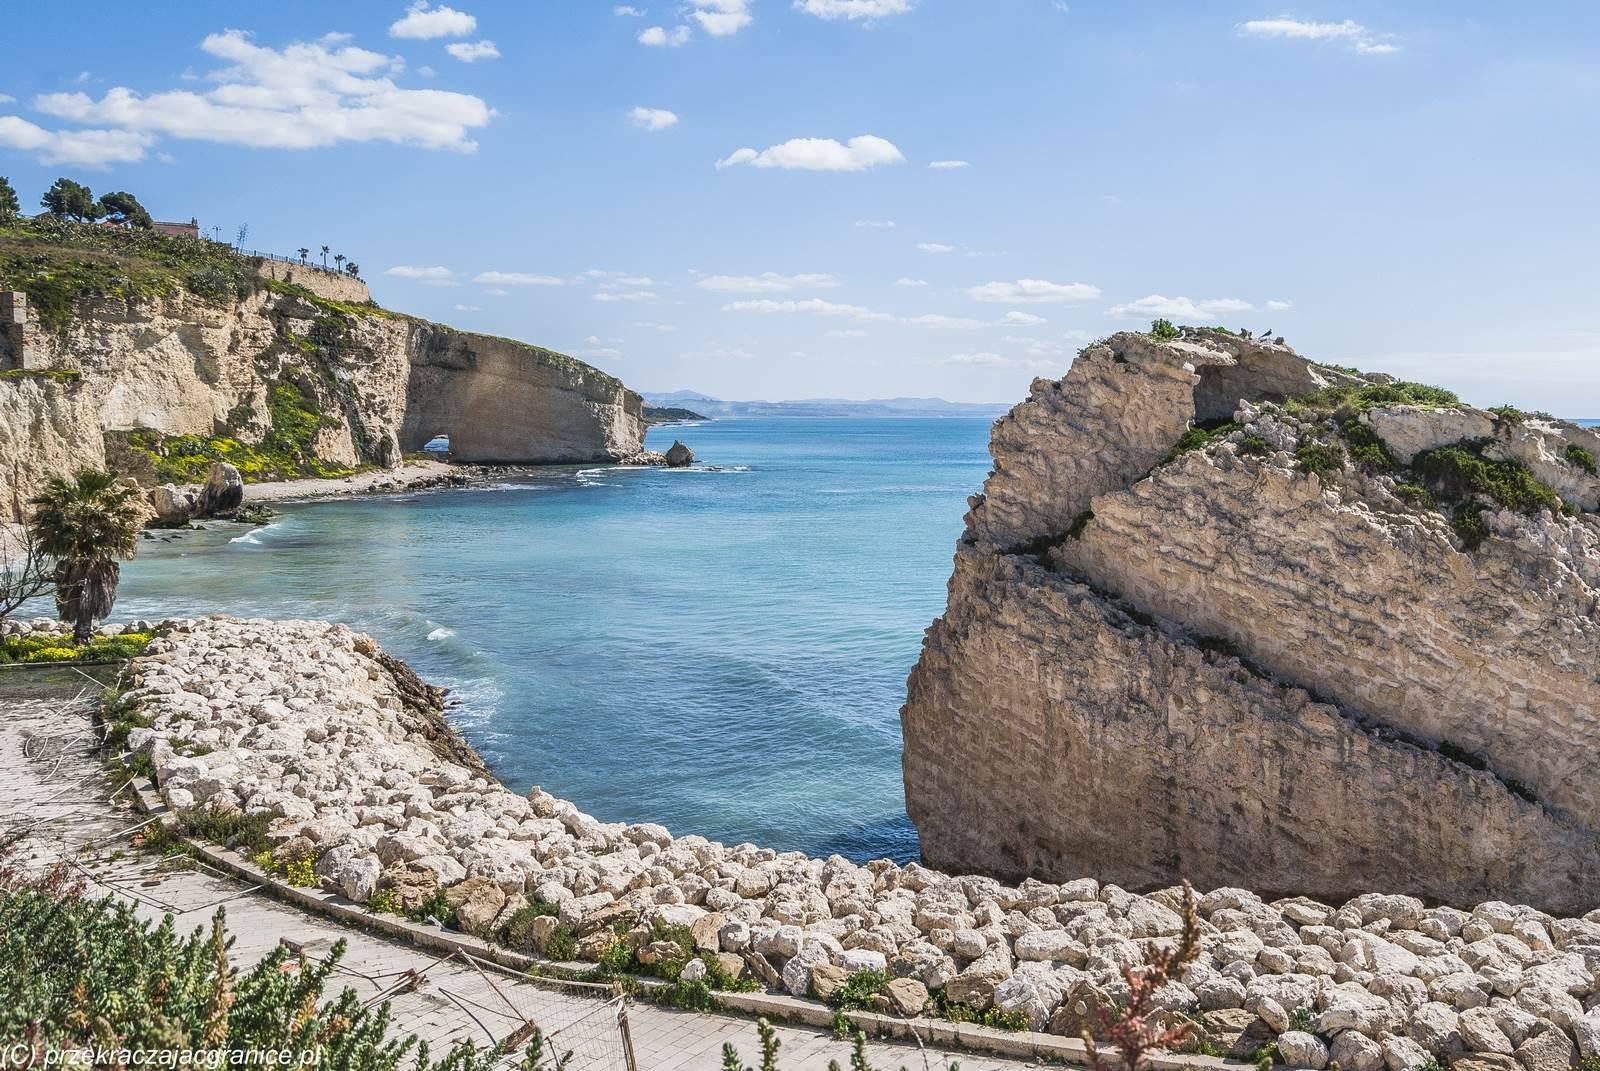 Cudowny krajobraz Sycylii